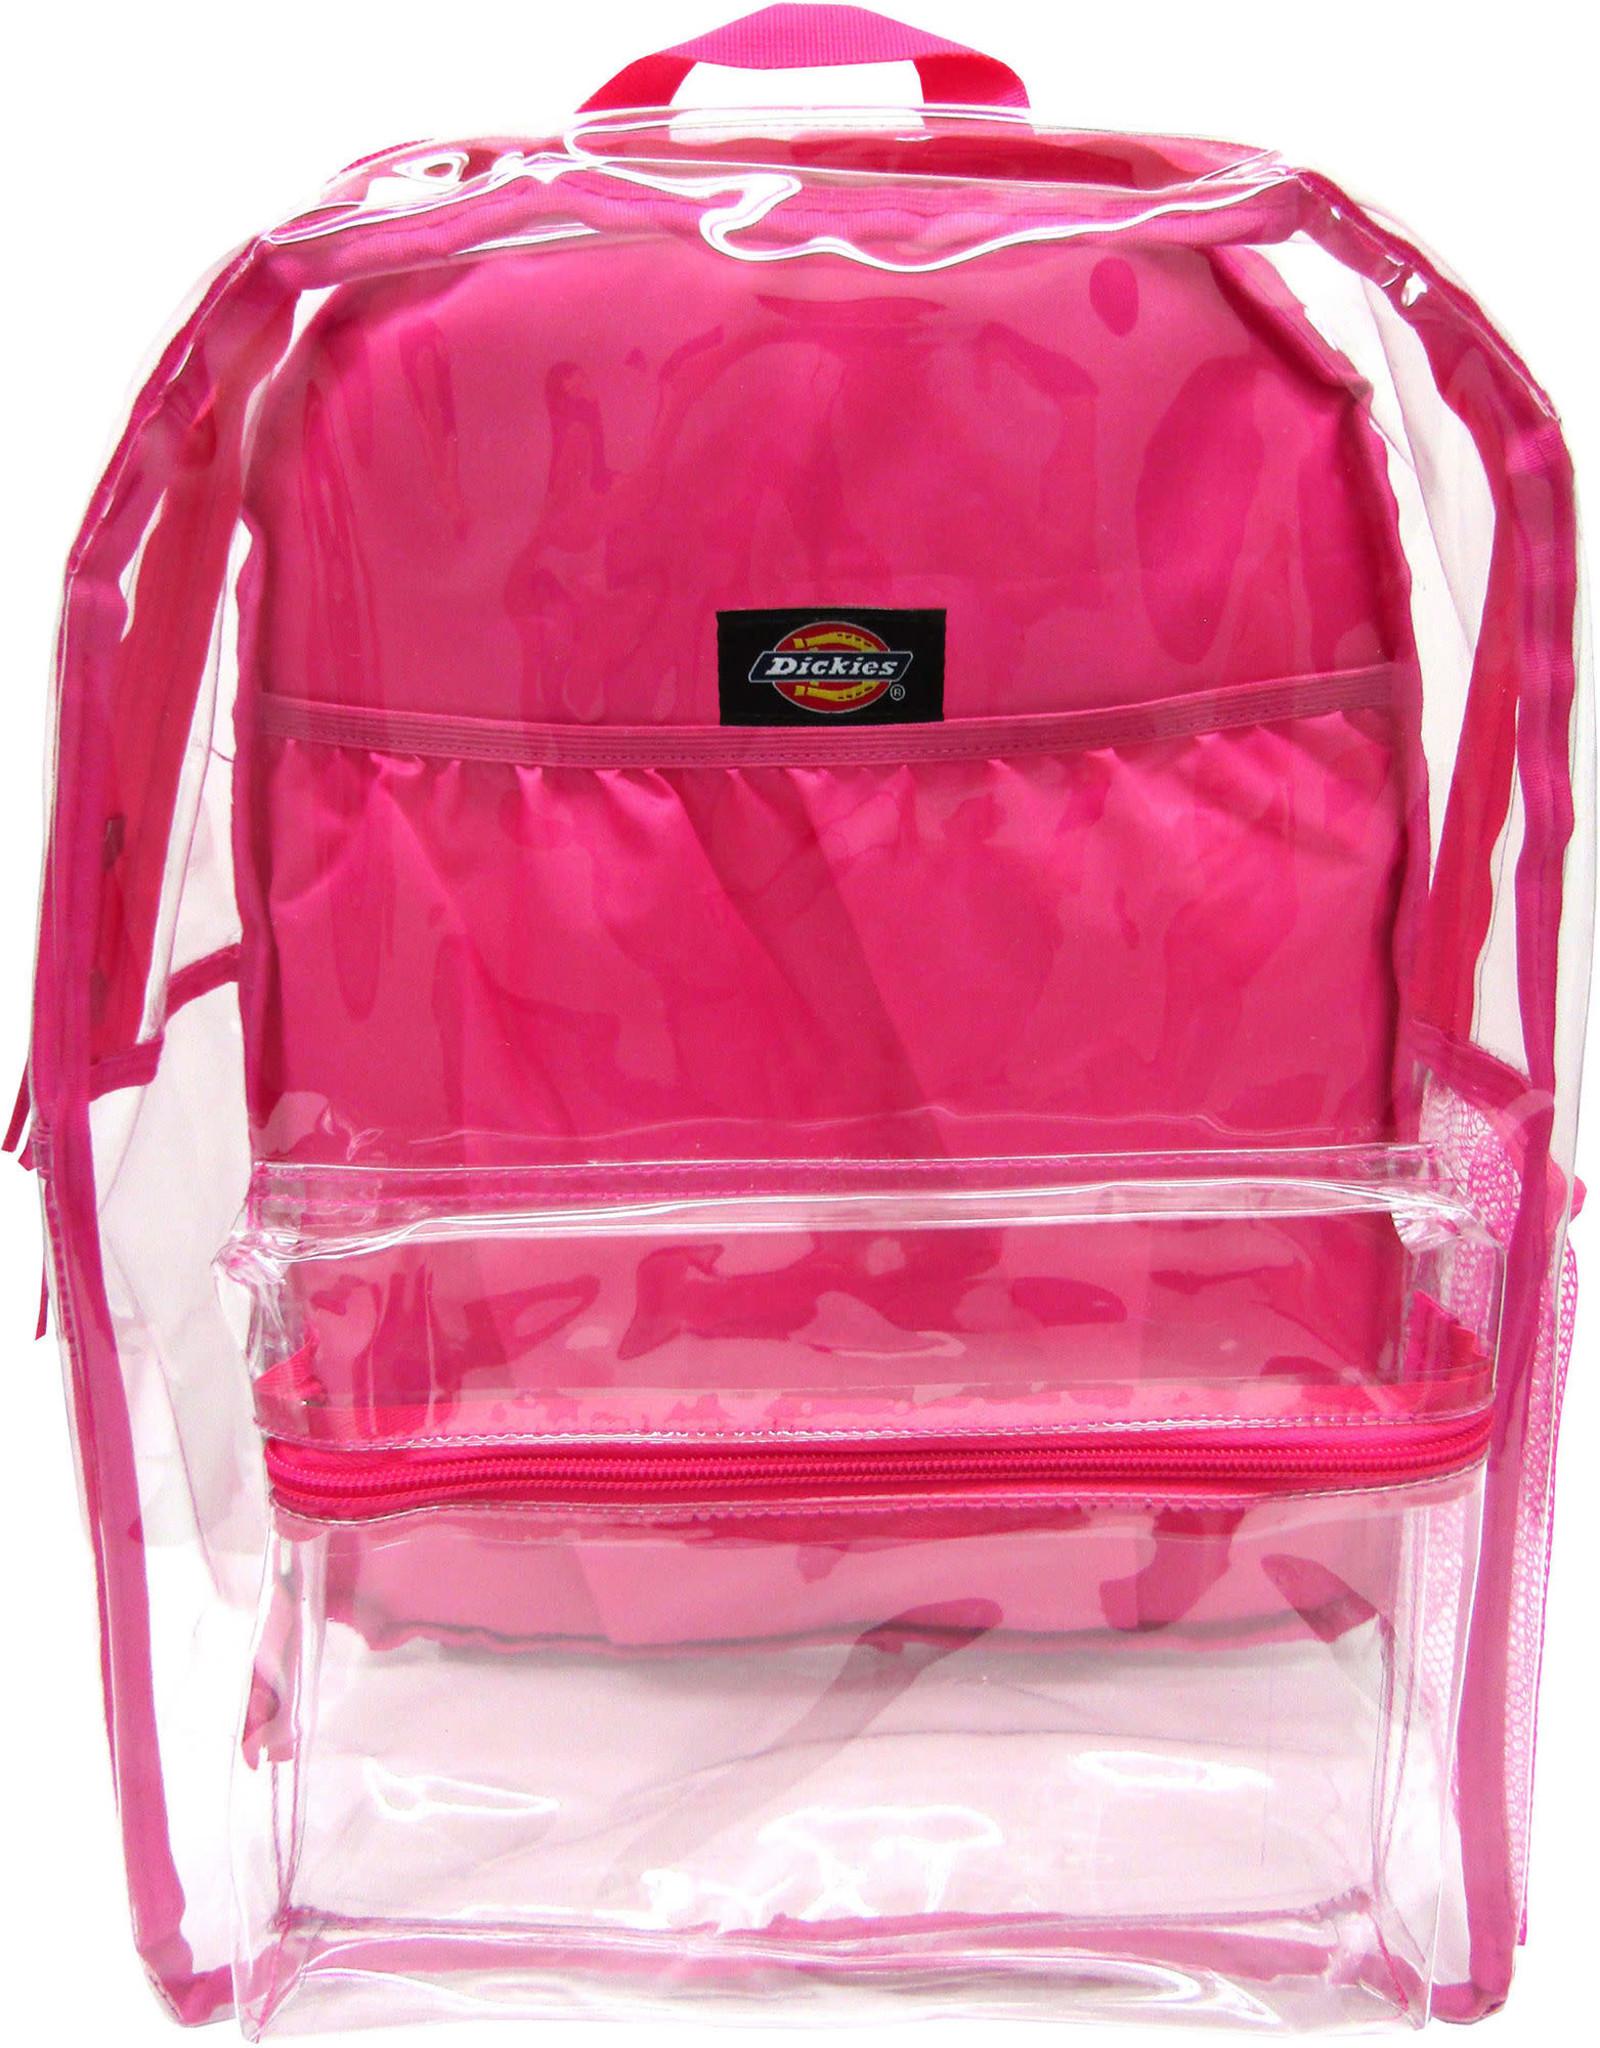 DICKIES Clear Student Dickies Backpack